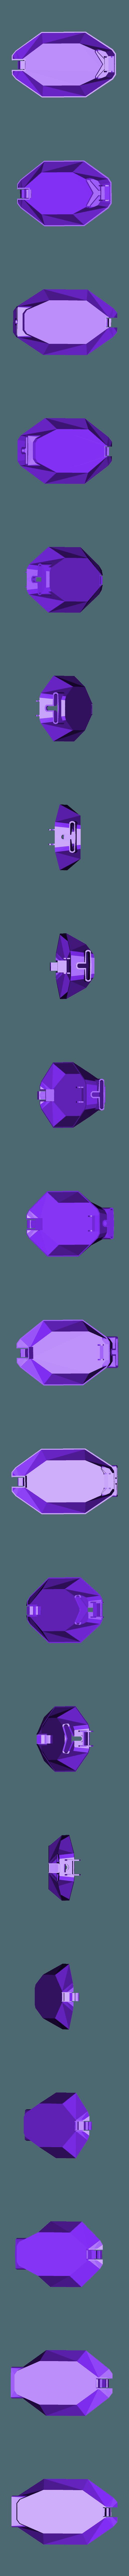 top cover.stl Télécharger fichier STL gratuit Robot hexagonal V1 • Design pour impression 3D, mwilmars